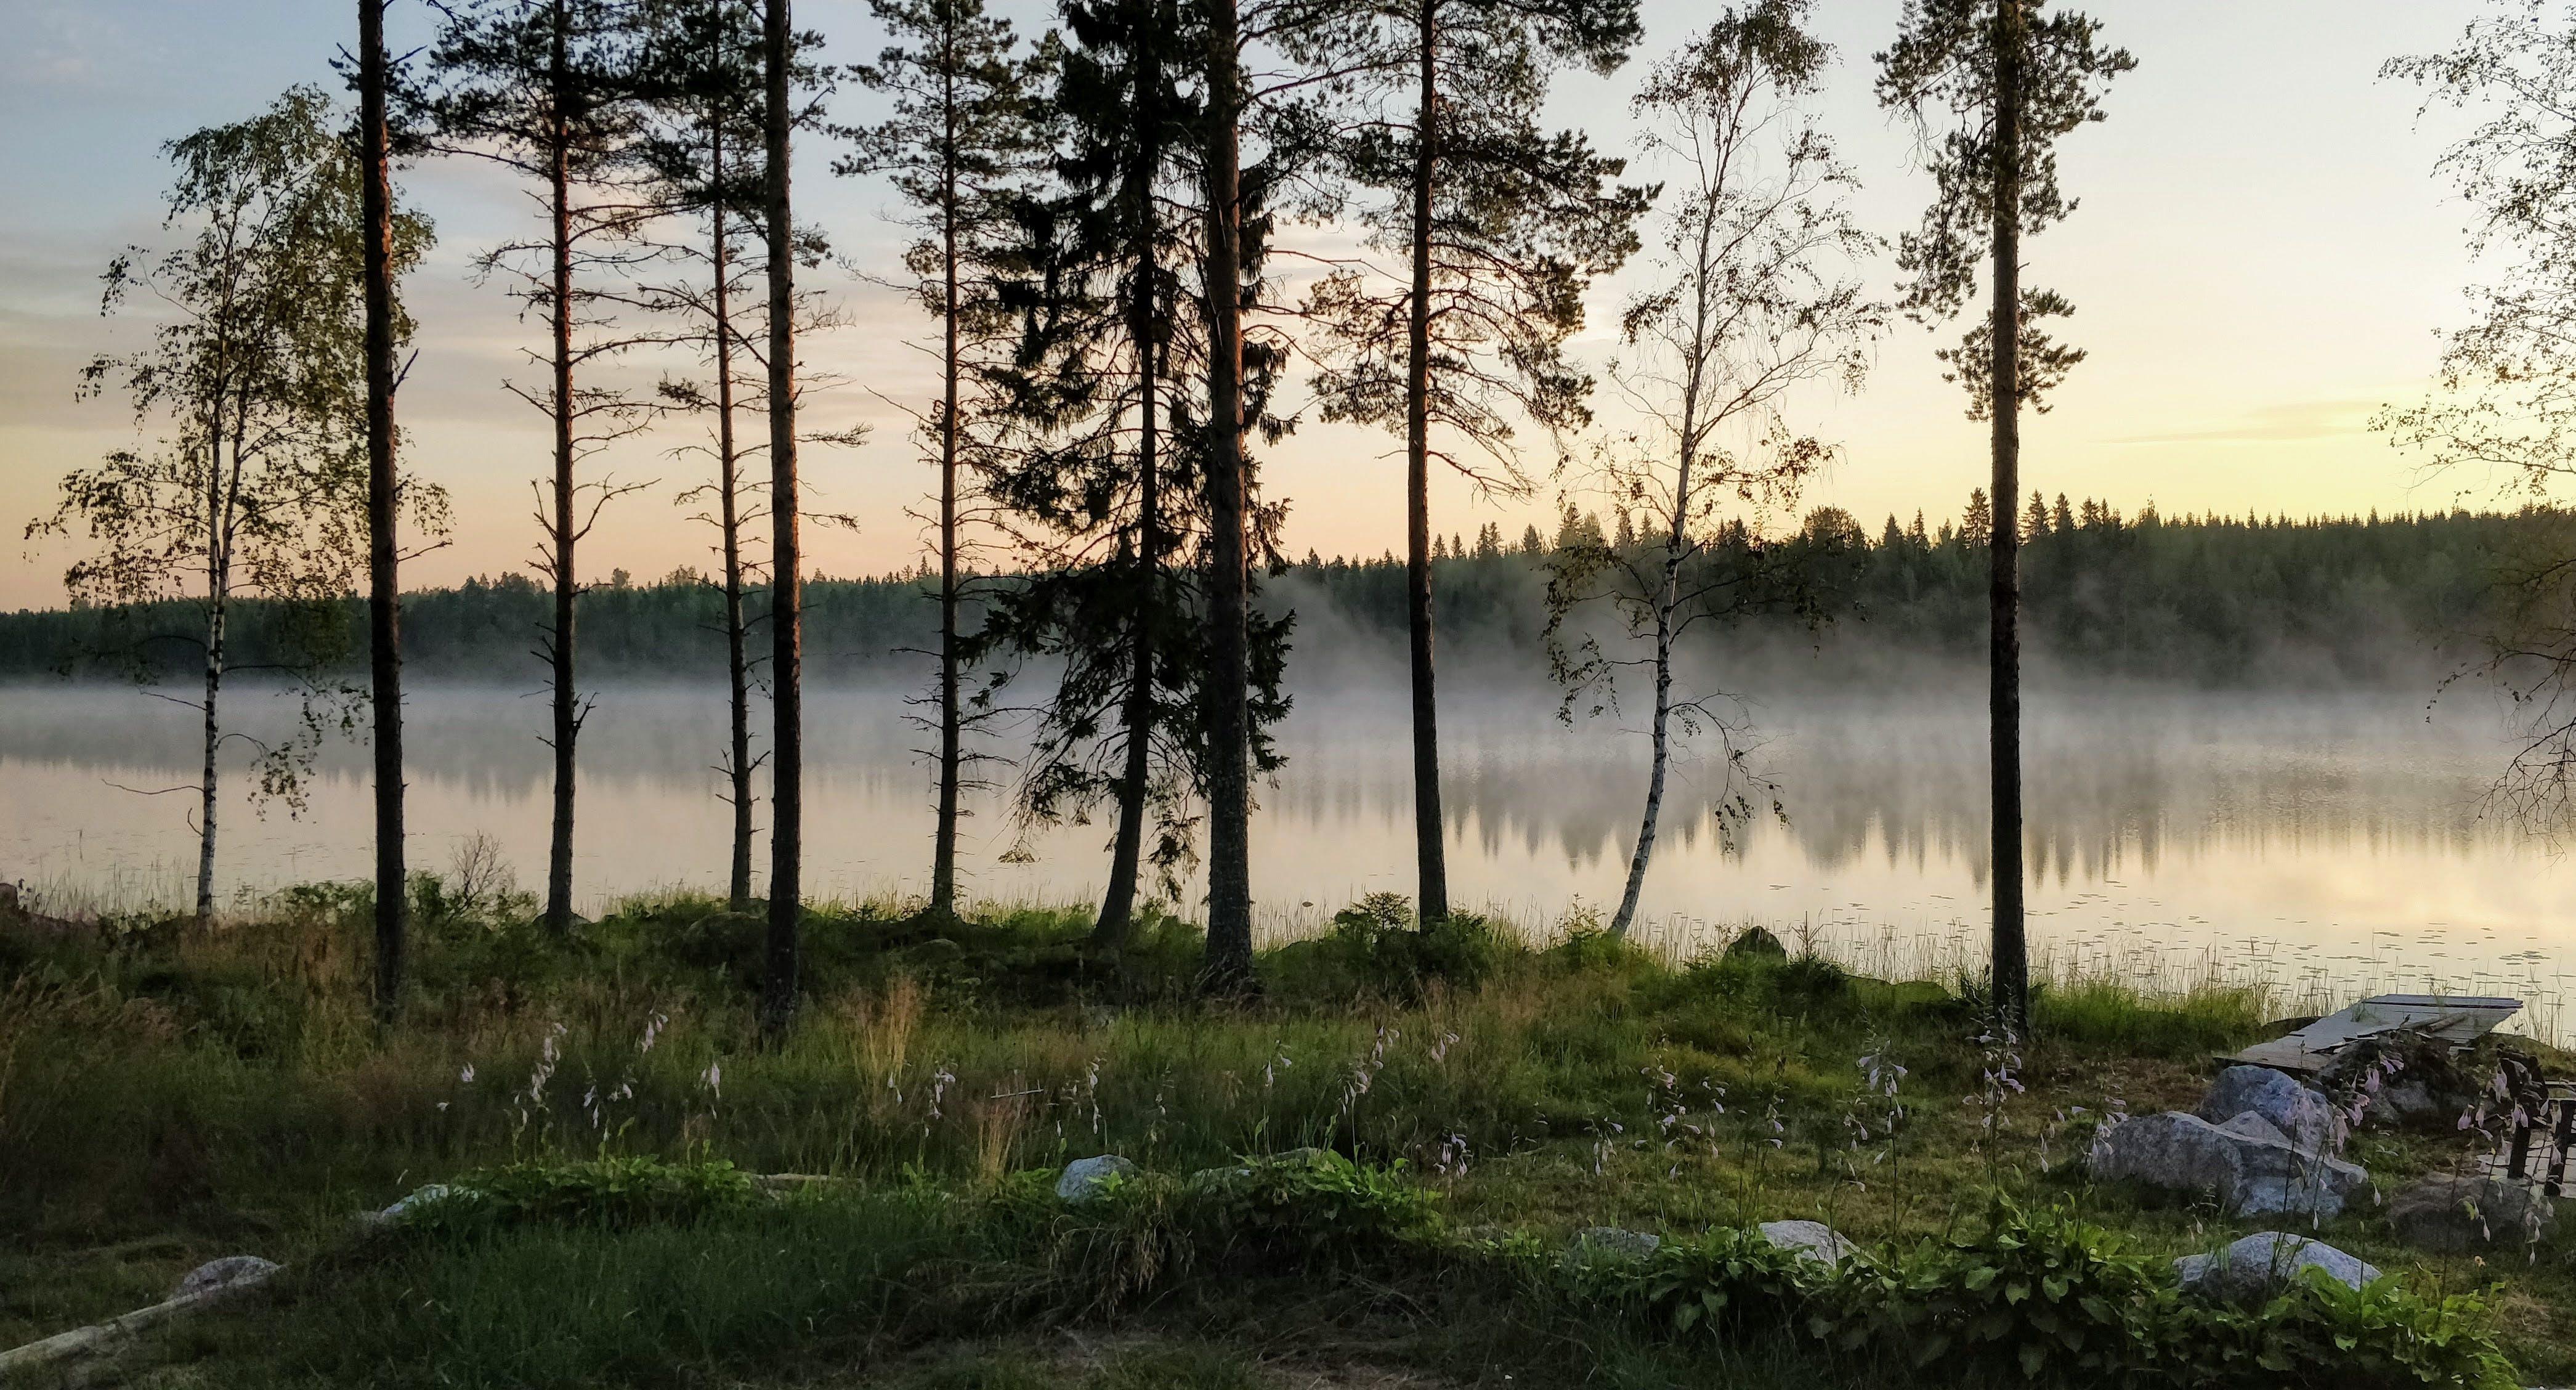 Gratis lagerfoto af Finland, skov, solopgang, sommer